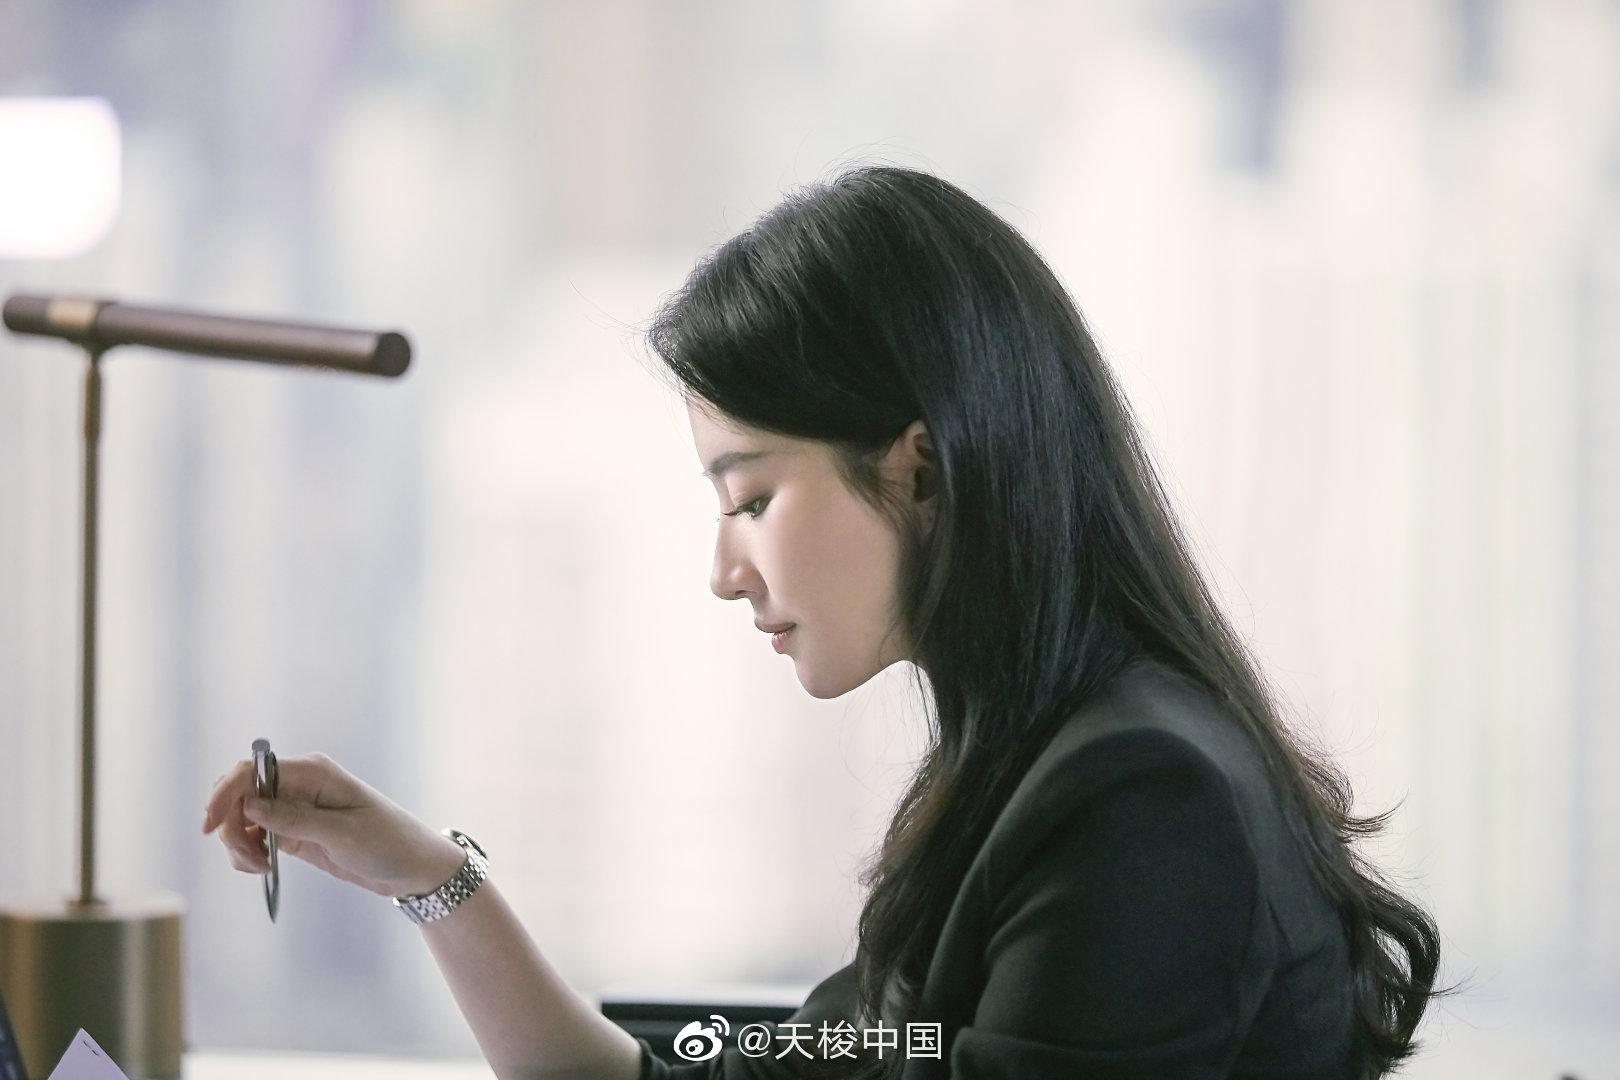 刘亦菲七夕腕表大片上线 天梭卡森臻我系列腕表展示职场女性优雅魅力